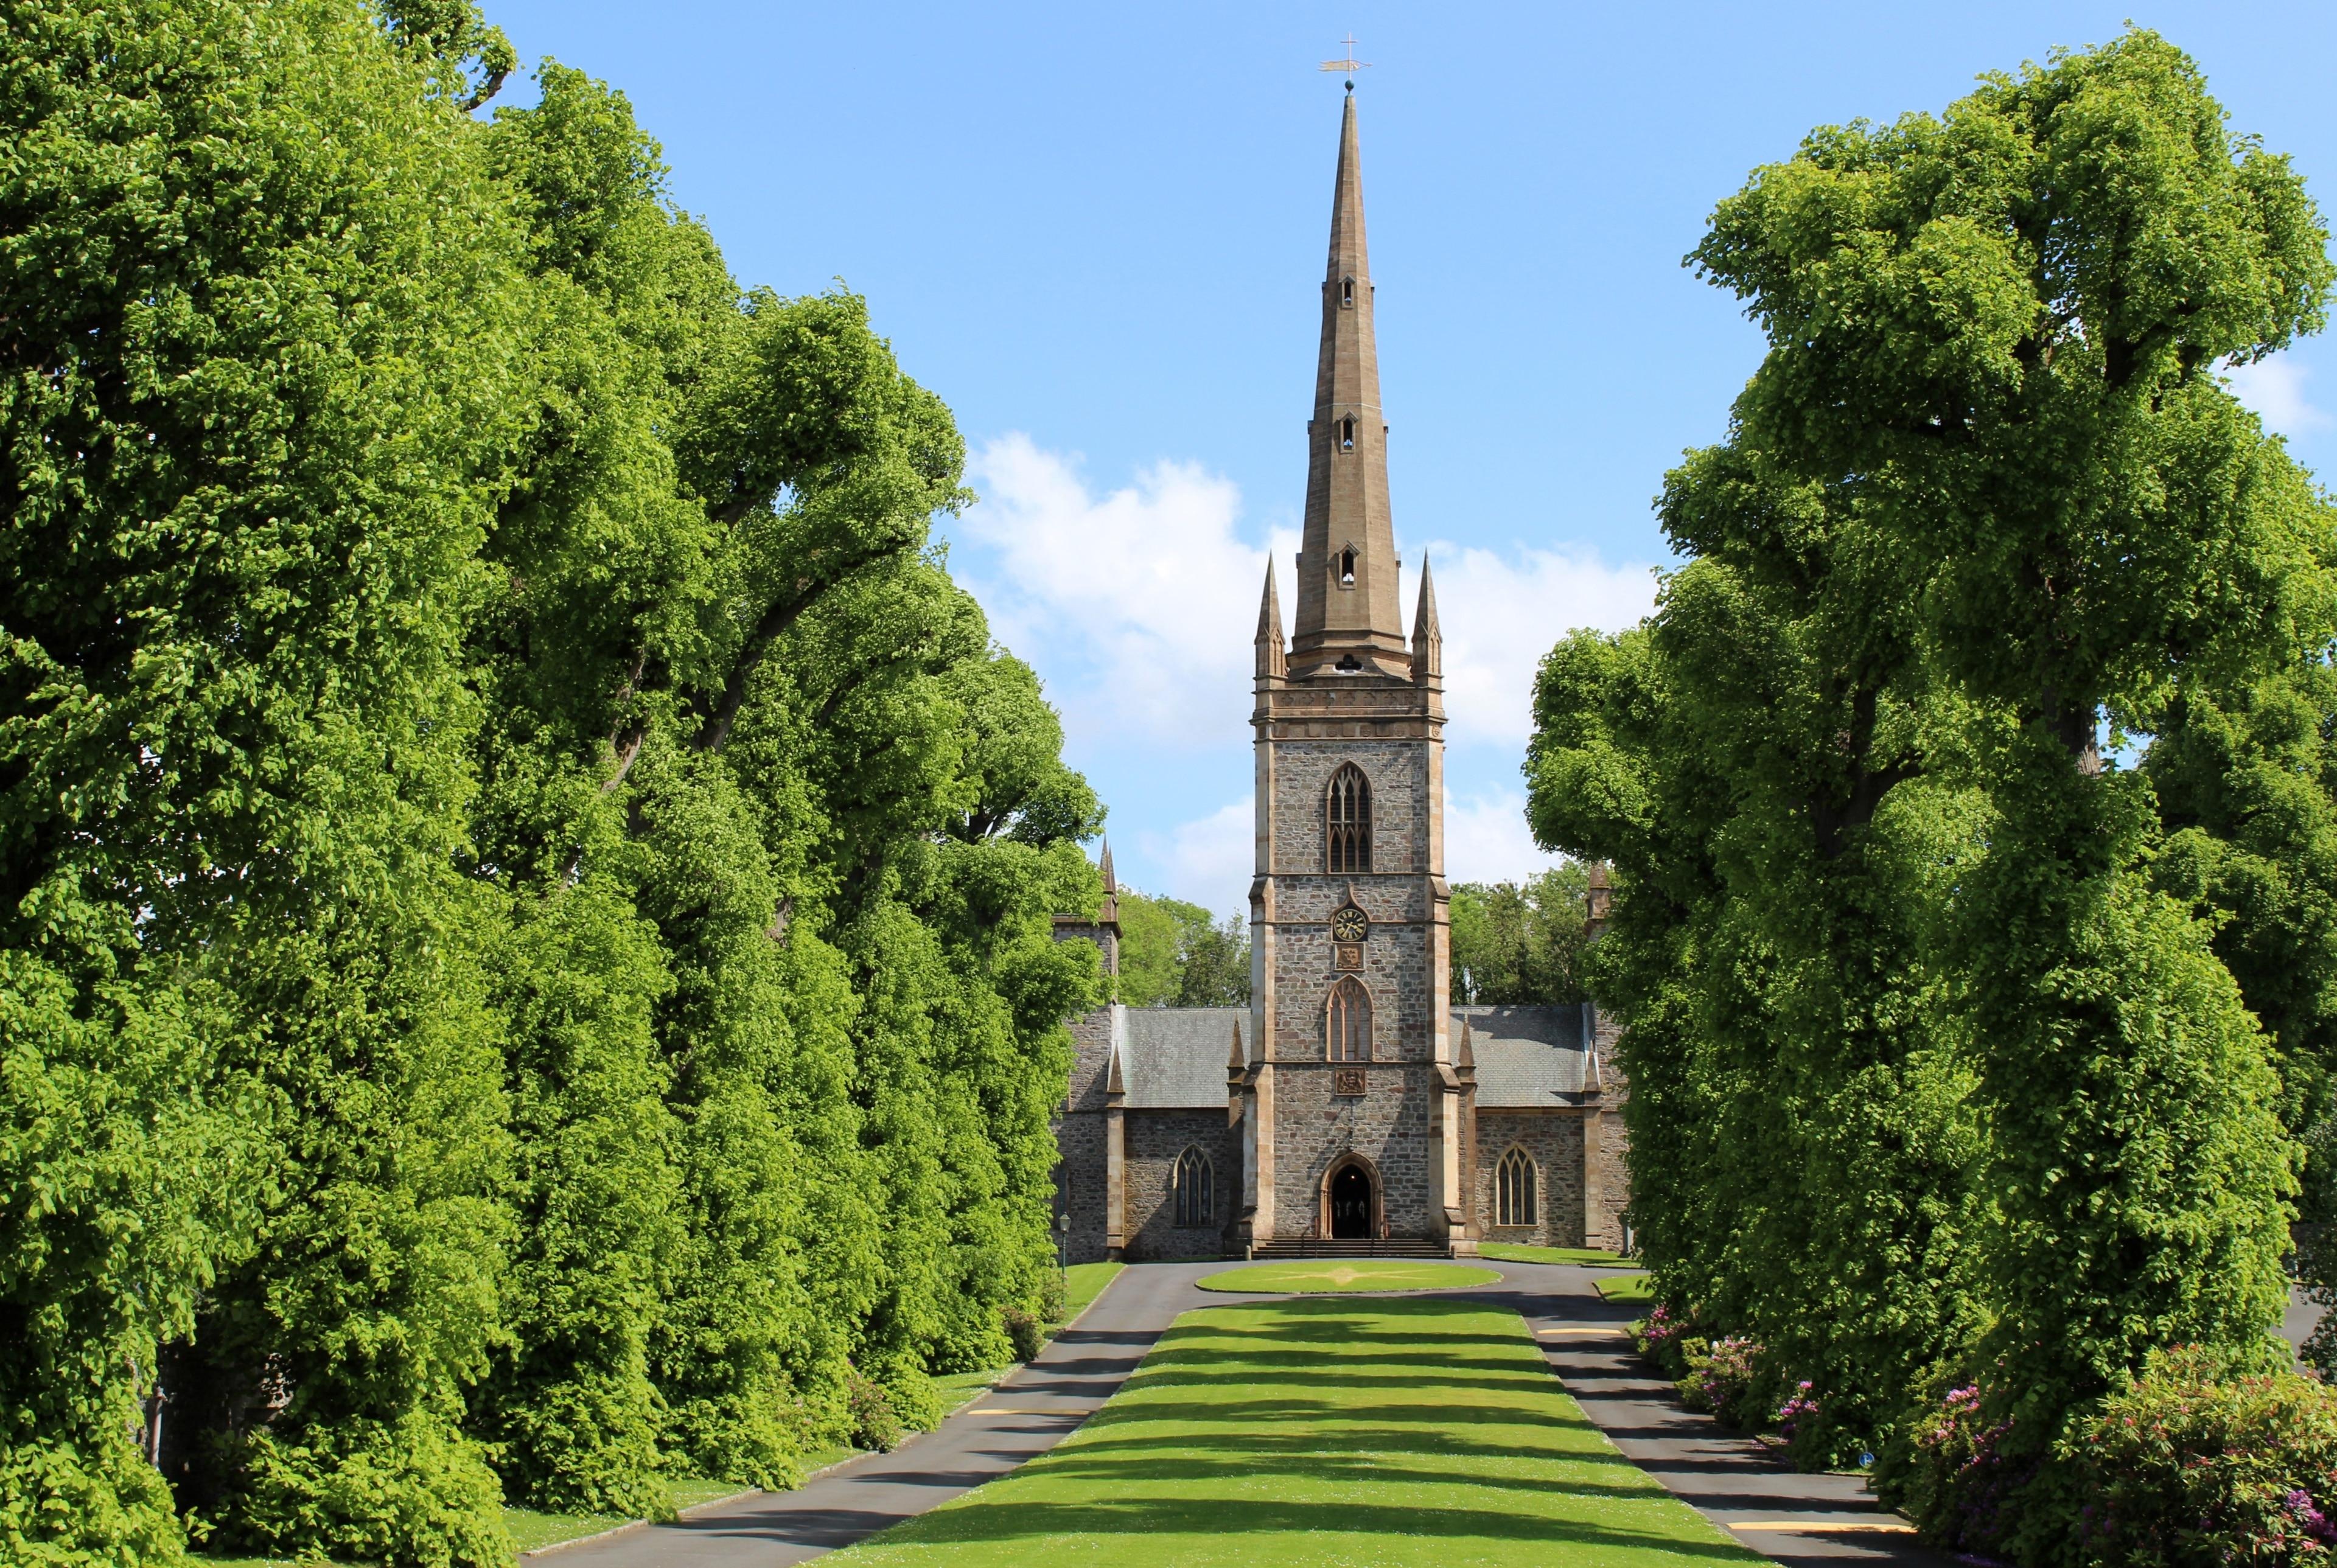 Hillsborough, Nordirland, Großbritannien